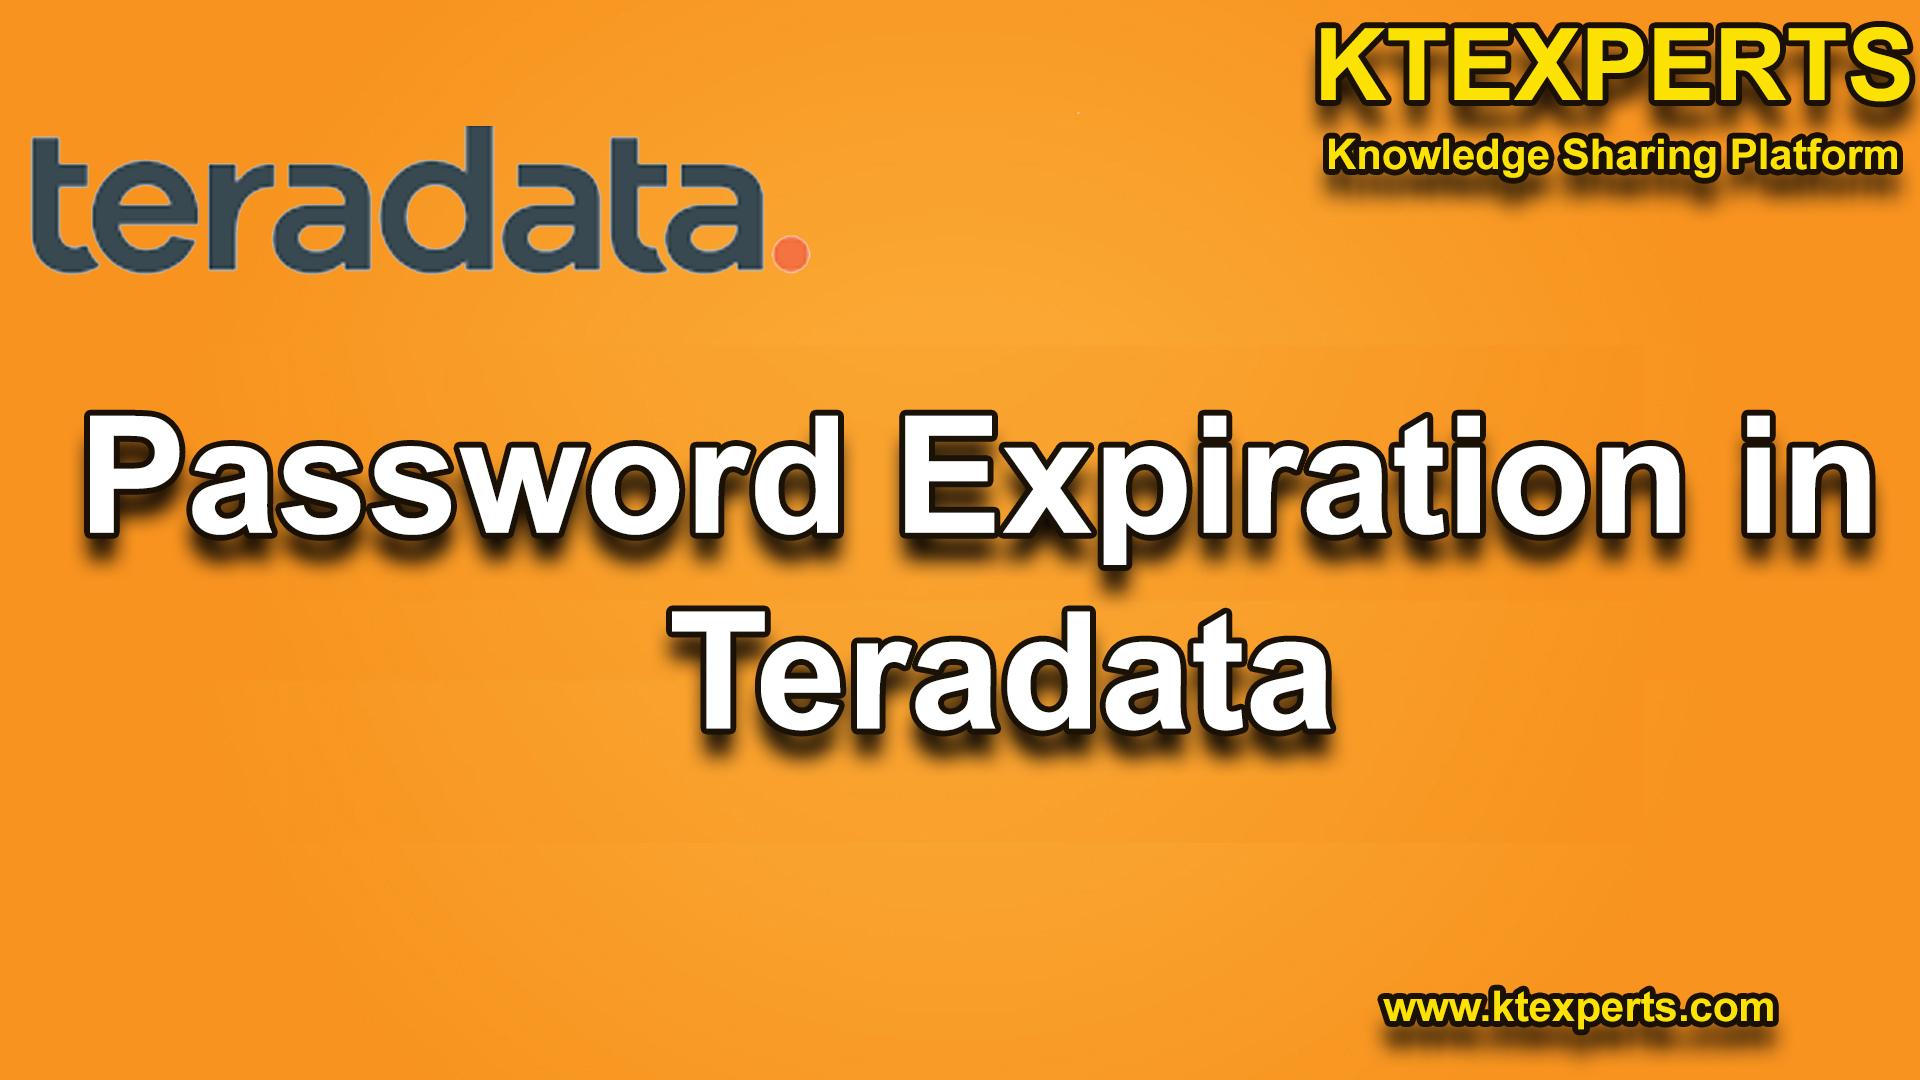 Password Expiration in Teradata